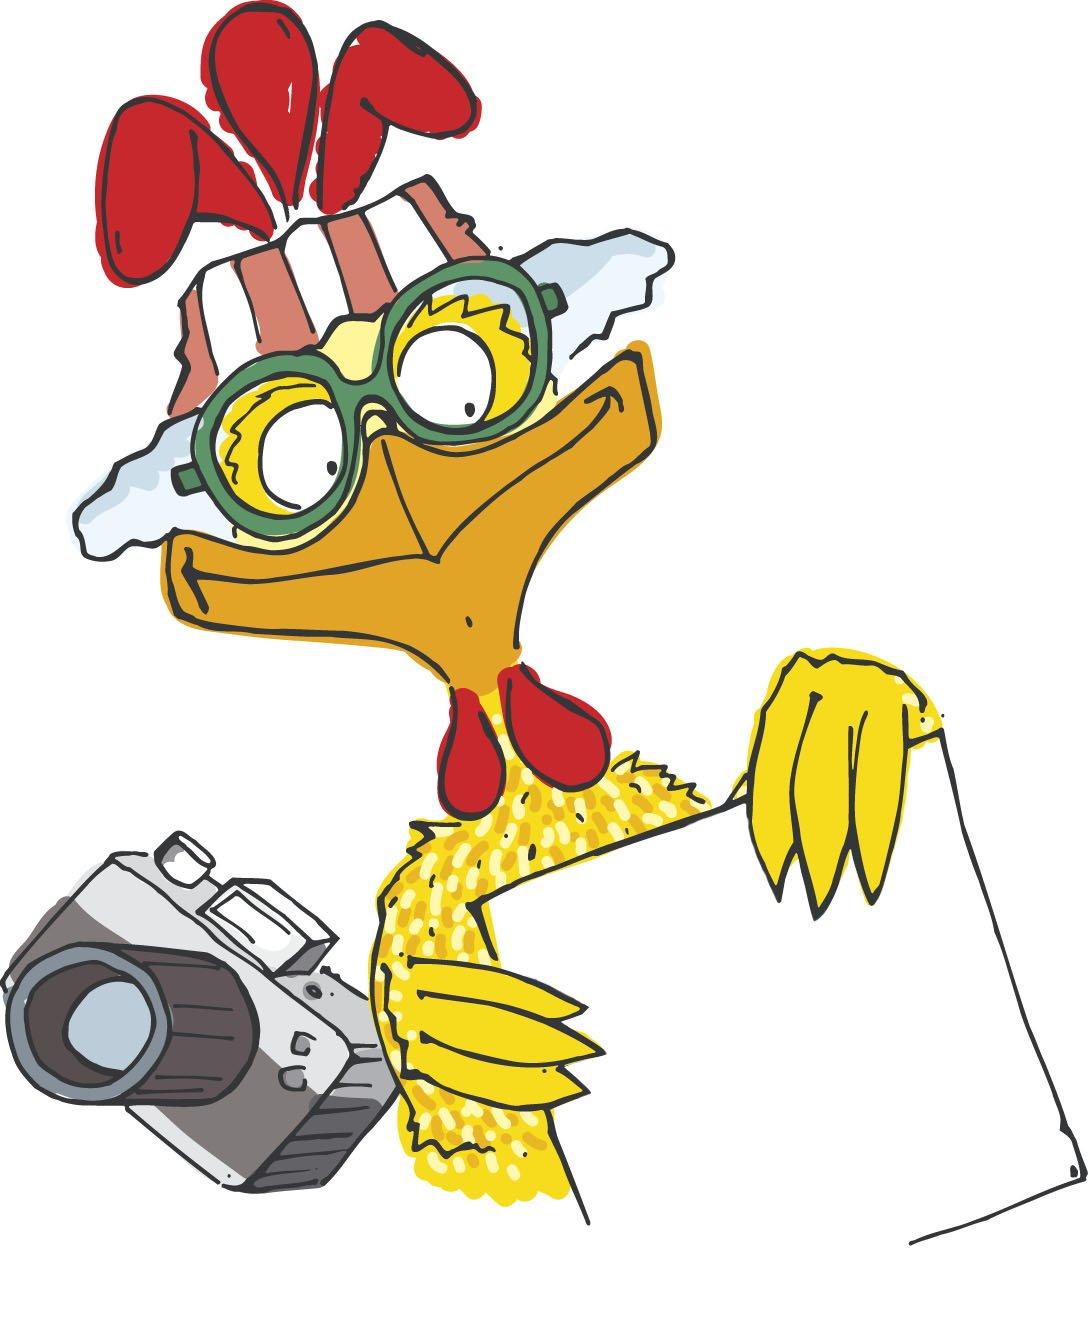 Familie spielt auf kleinem Spiel-Segelschiff